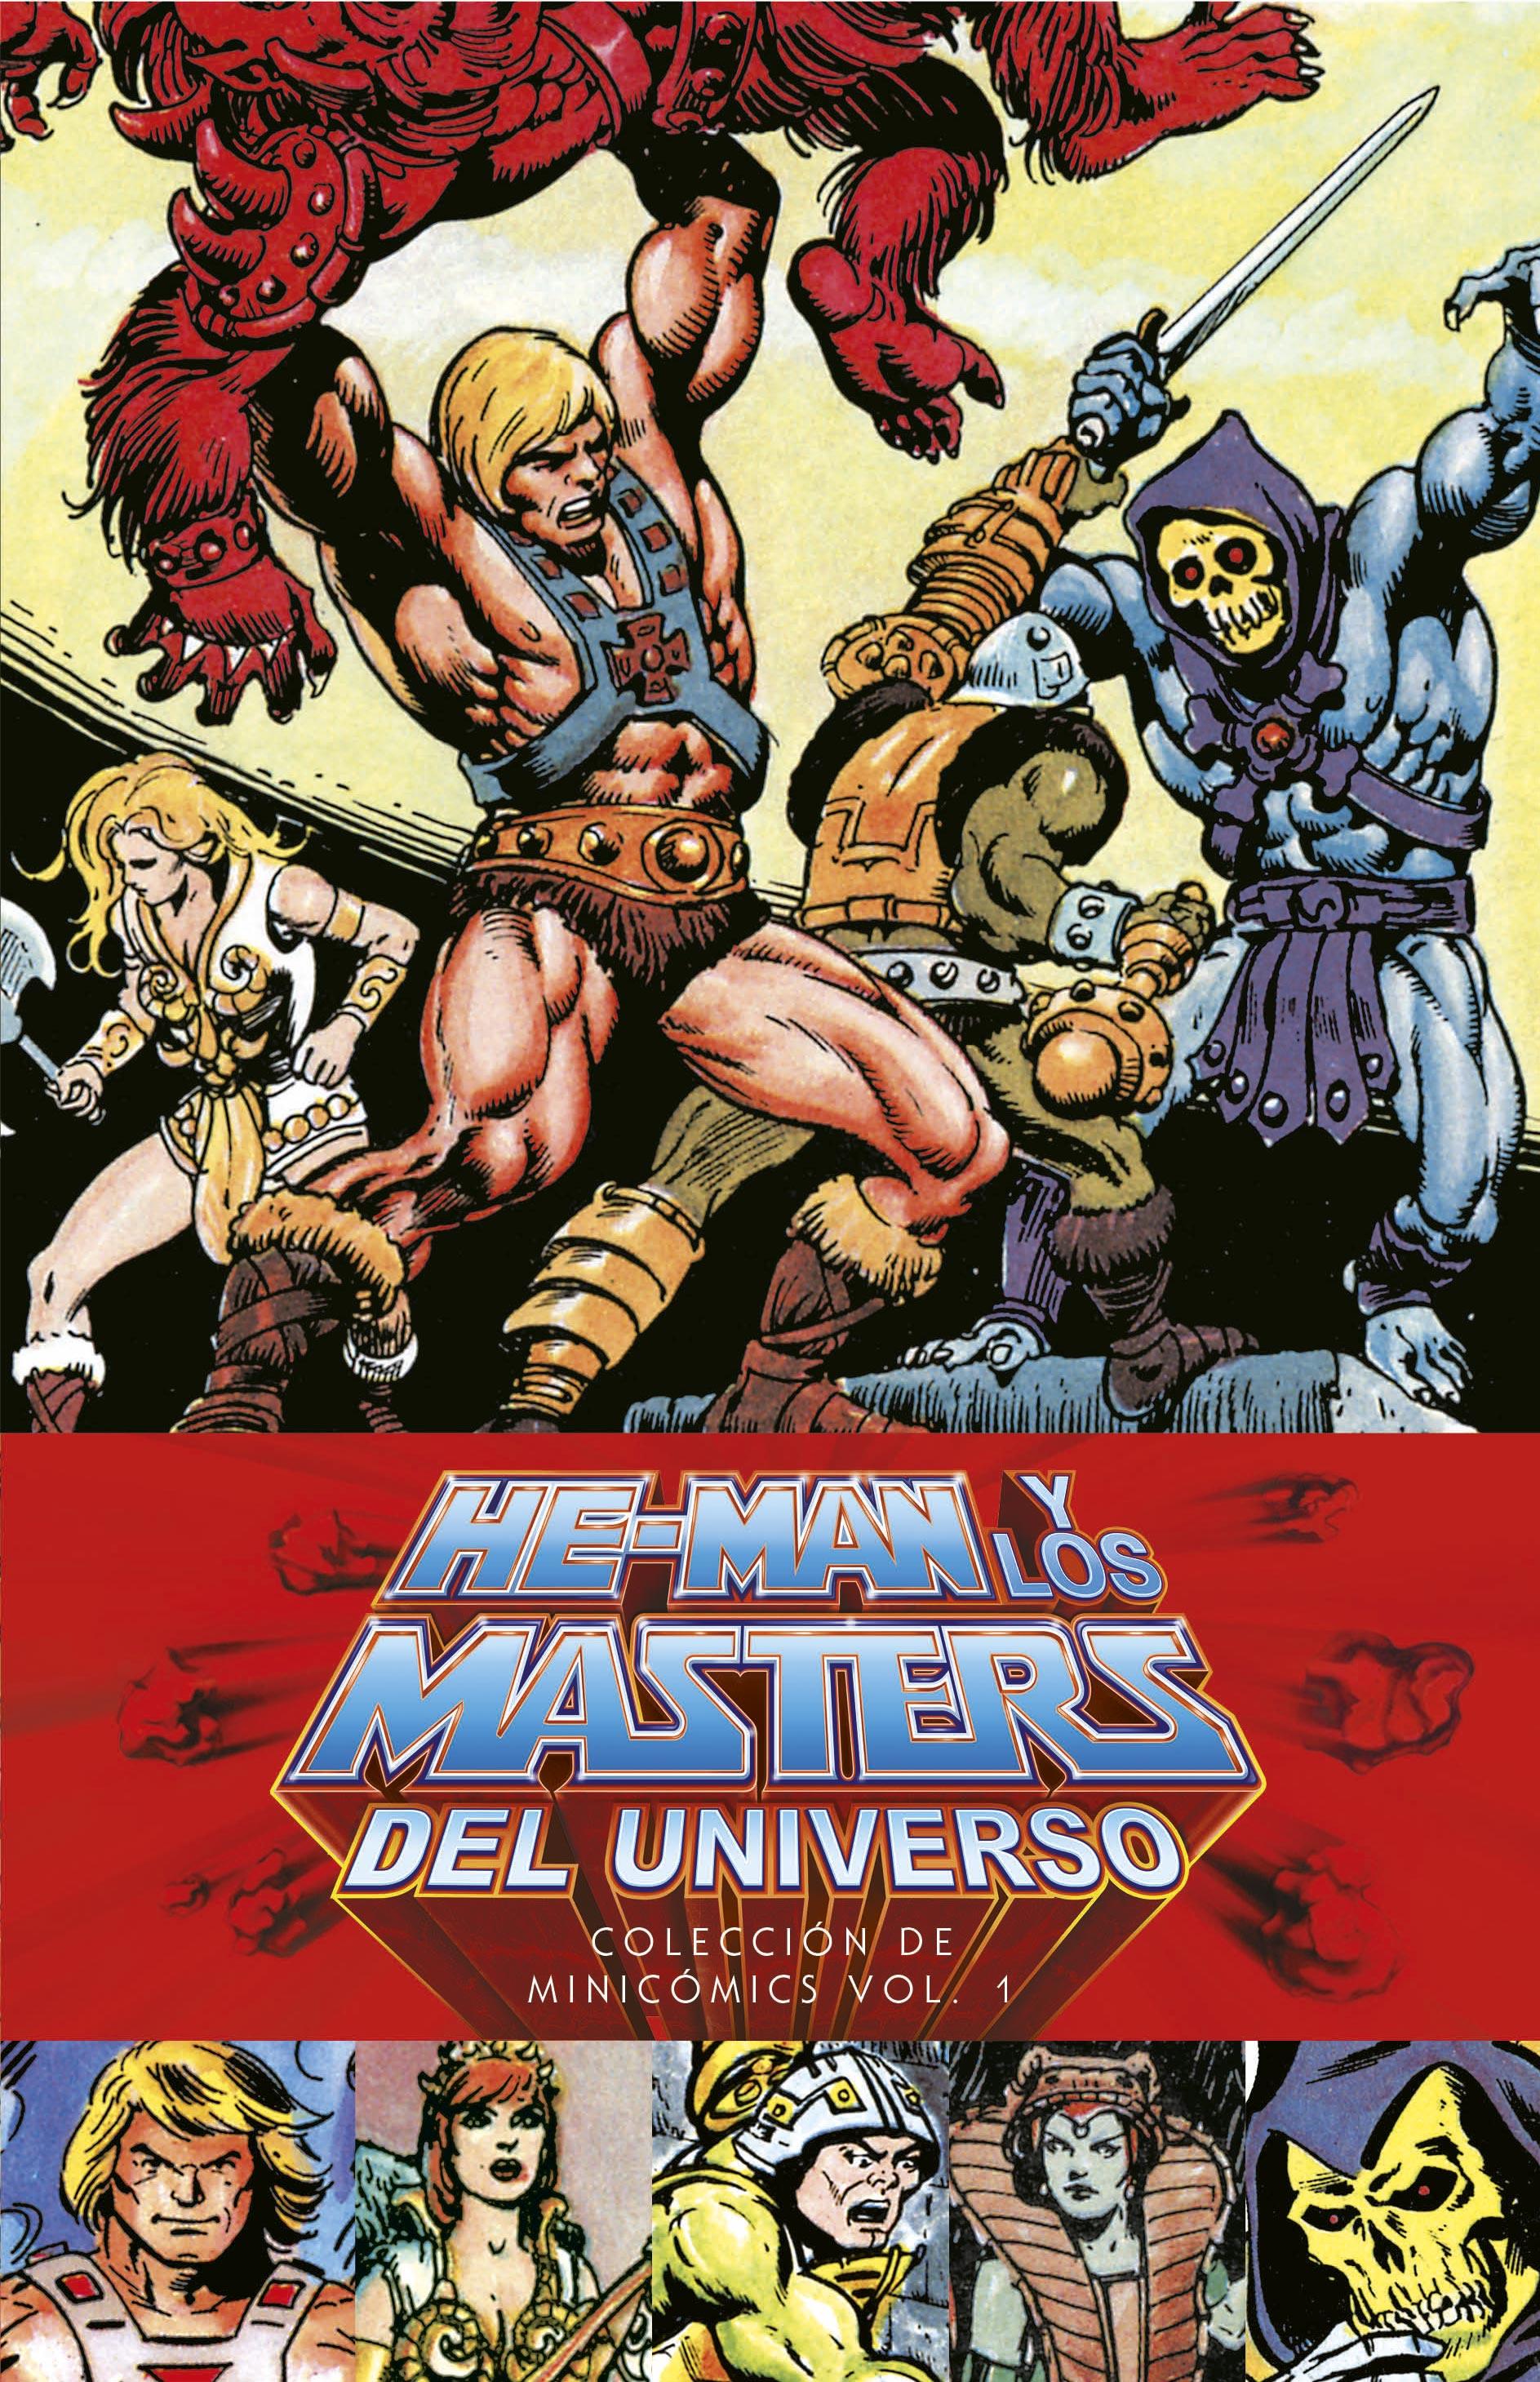 Segunda Mano: He-Man y los Masters del Universo: Colección de minicómics vol. 01 (de 3)